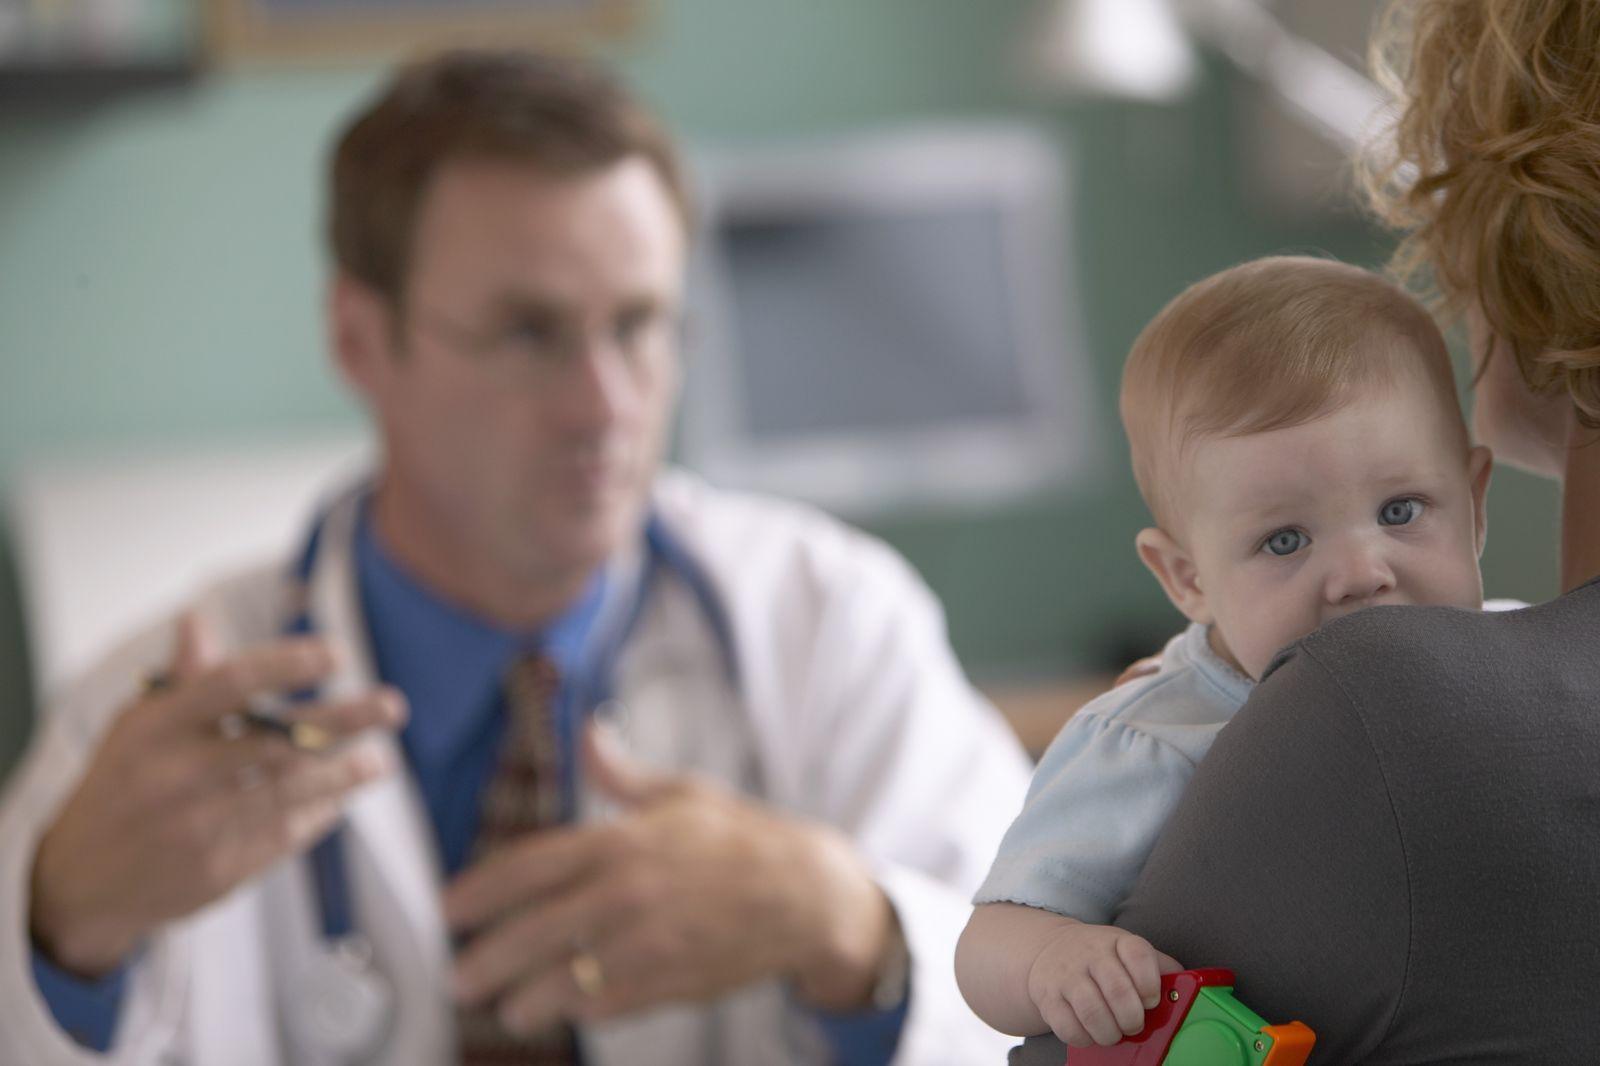 NICHT MEHR VERWENDEN! - Arzt / Untersuchung / Baby